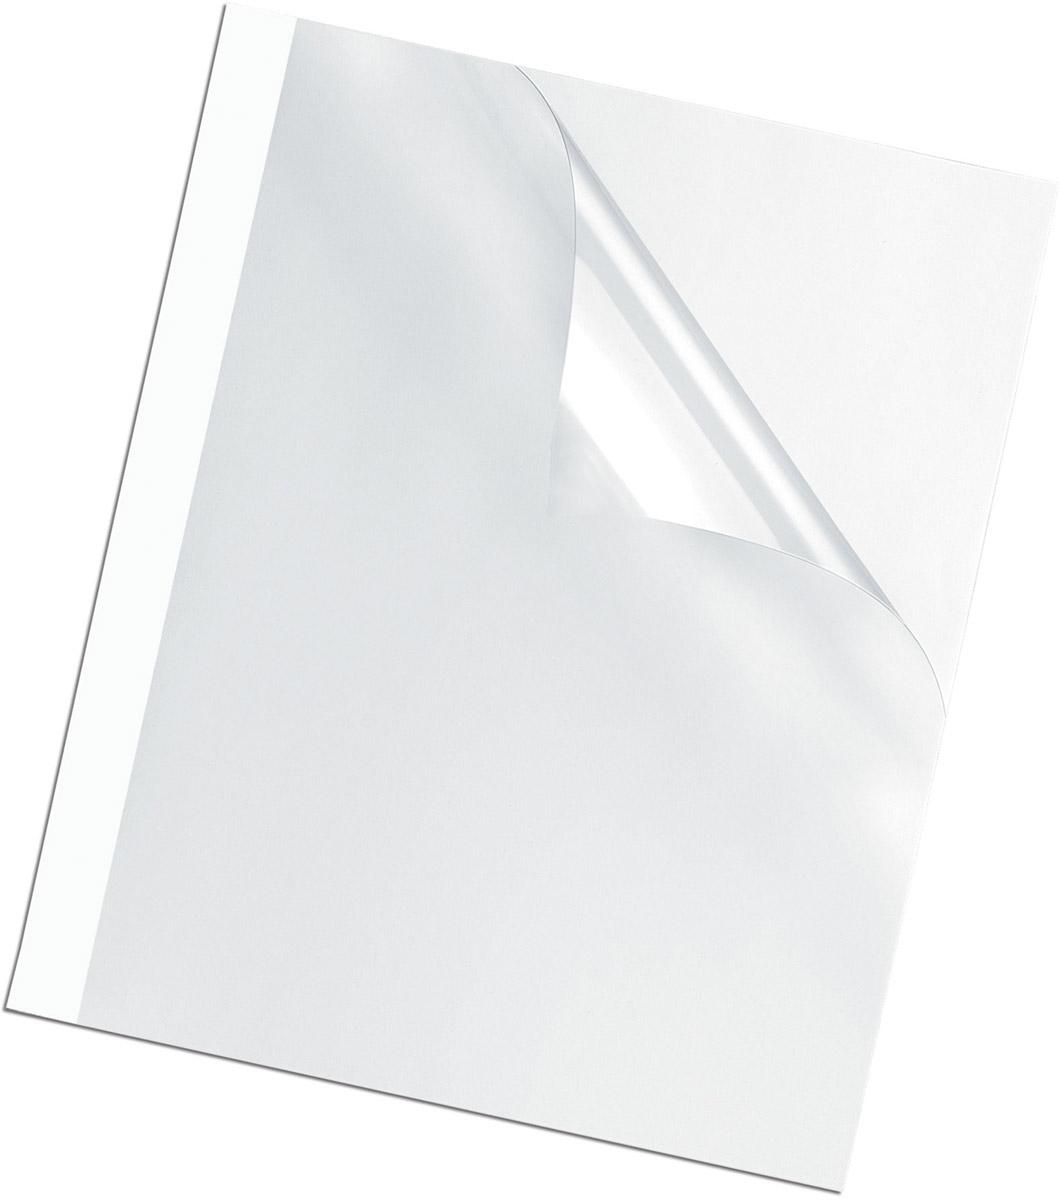 Fellowes FS-53152 A4, Transparent обложка для термопереплета (100 шт)FS-53152Обложка для термопереплета предназначена для оформления документов. Верх обложки – прозрачный PVC(150мкм), низ выполнен из глянцевого картона (220гр/кв.м). 100 штукв розничной упаковке.